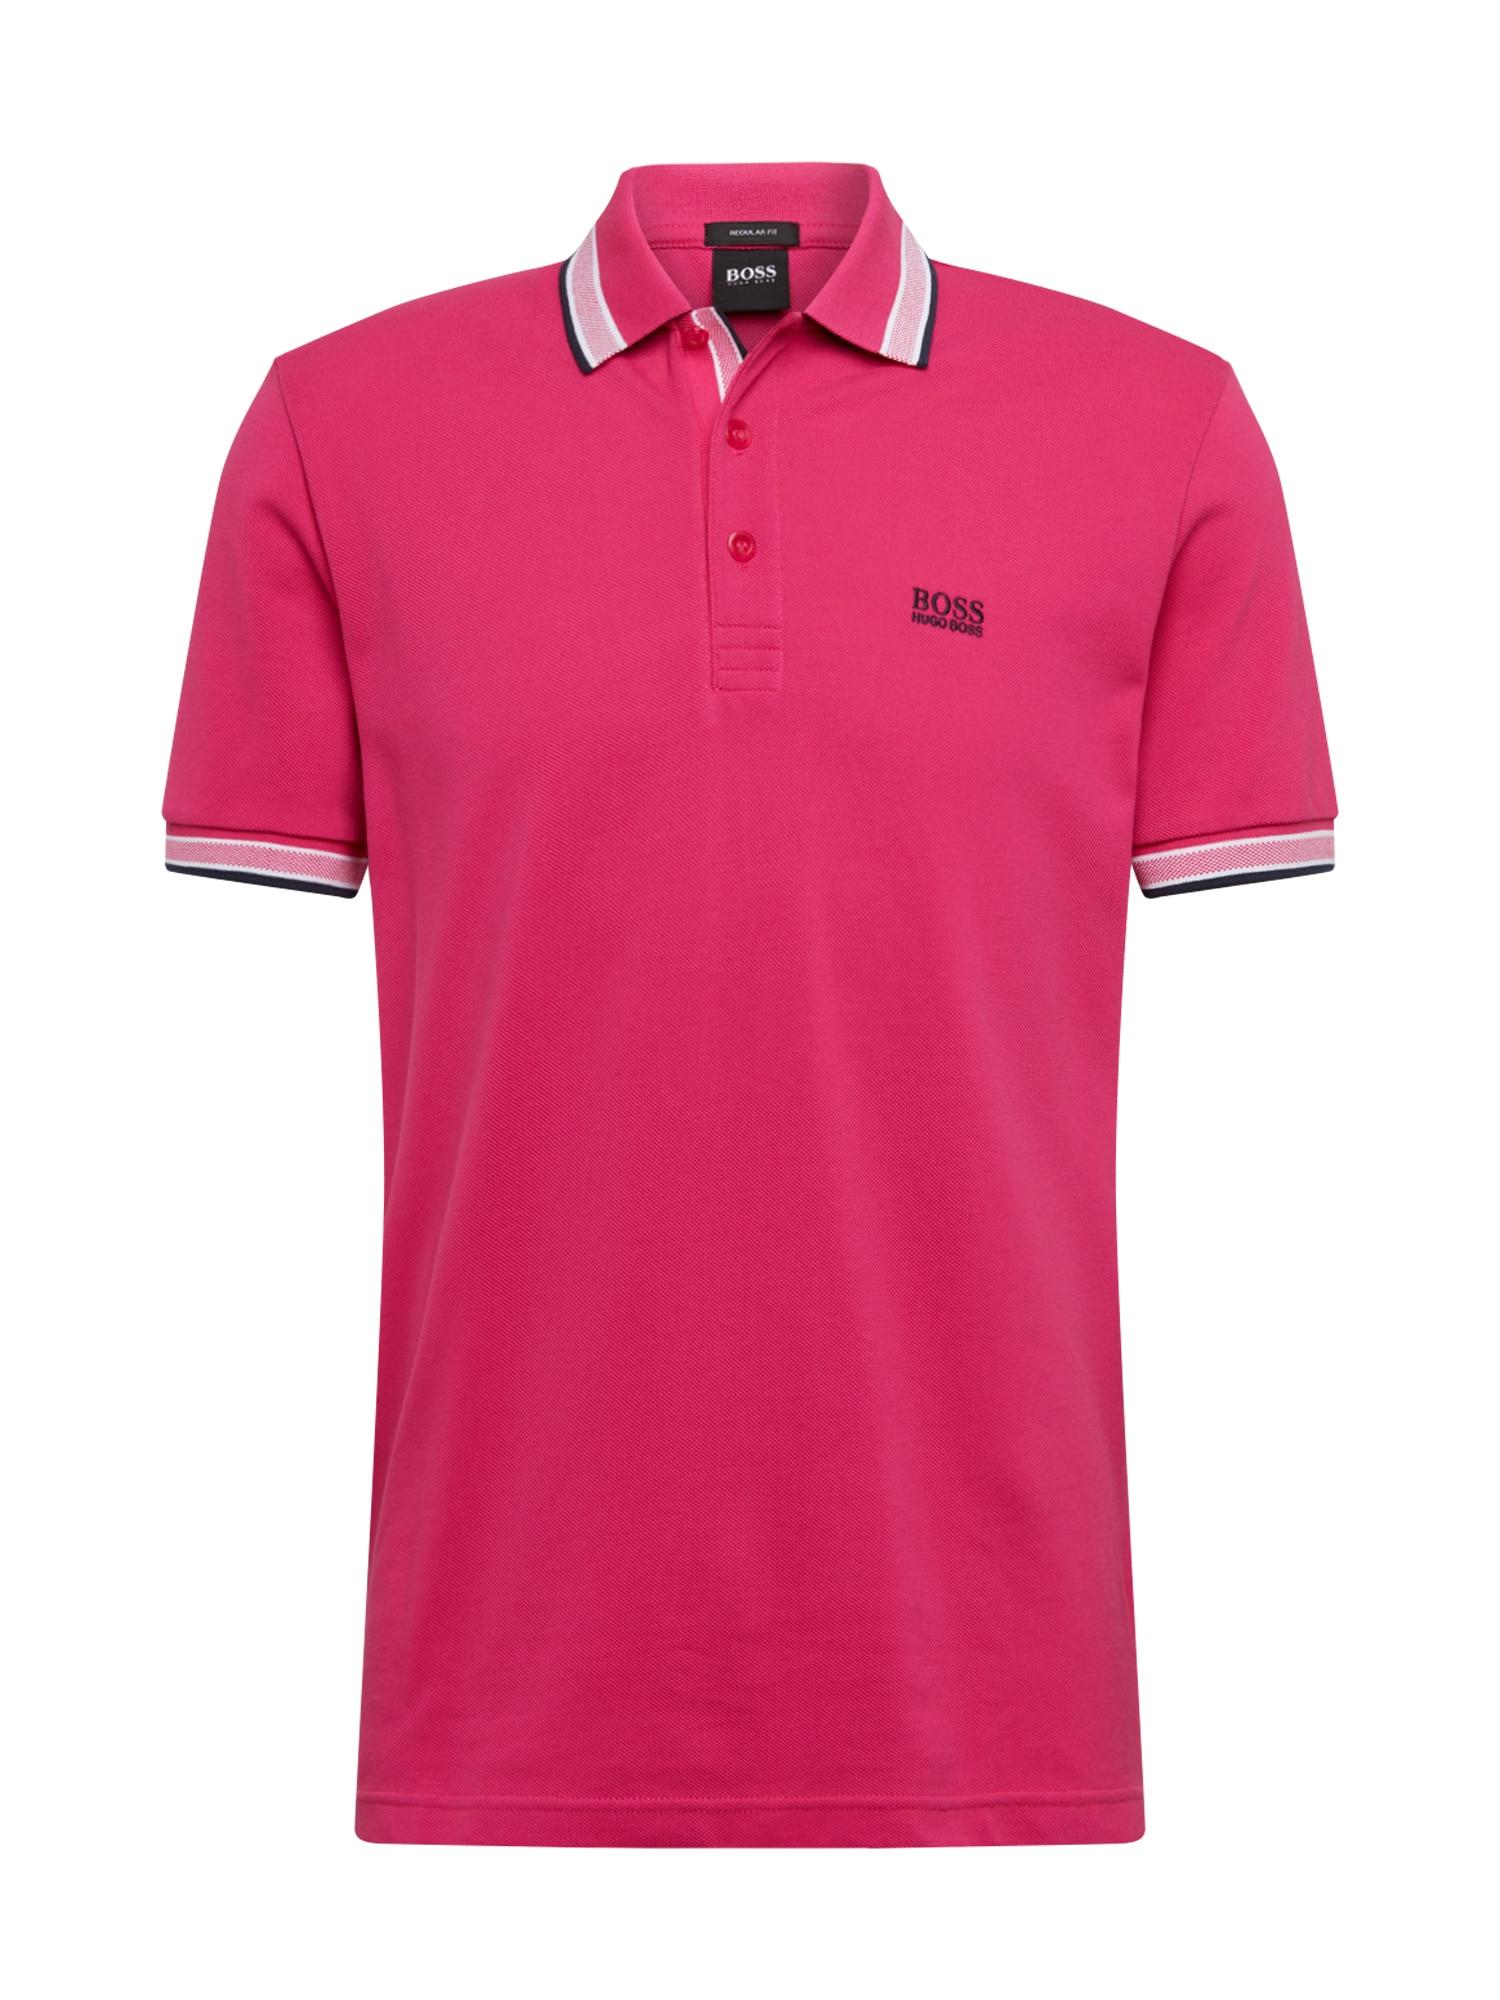 BOSS ATHLEISURE Marškinėliai 'Paddy' rožinė